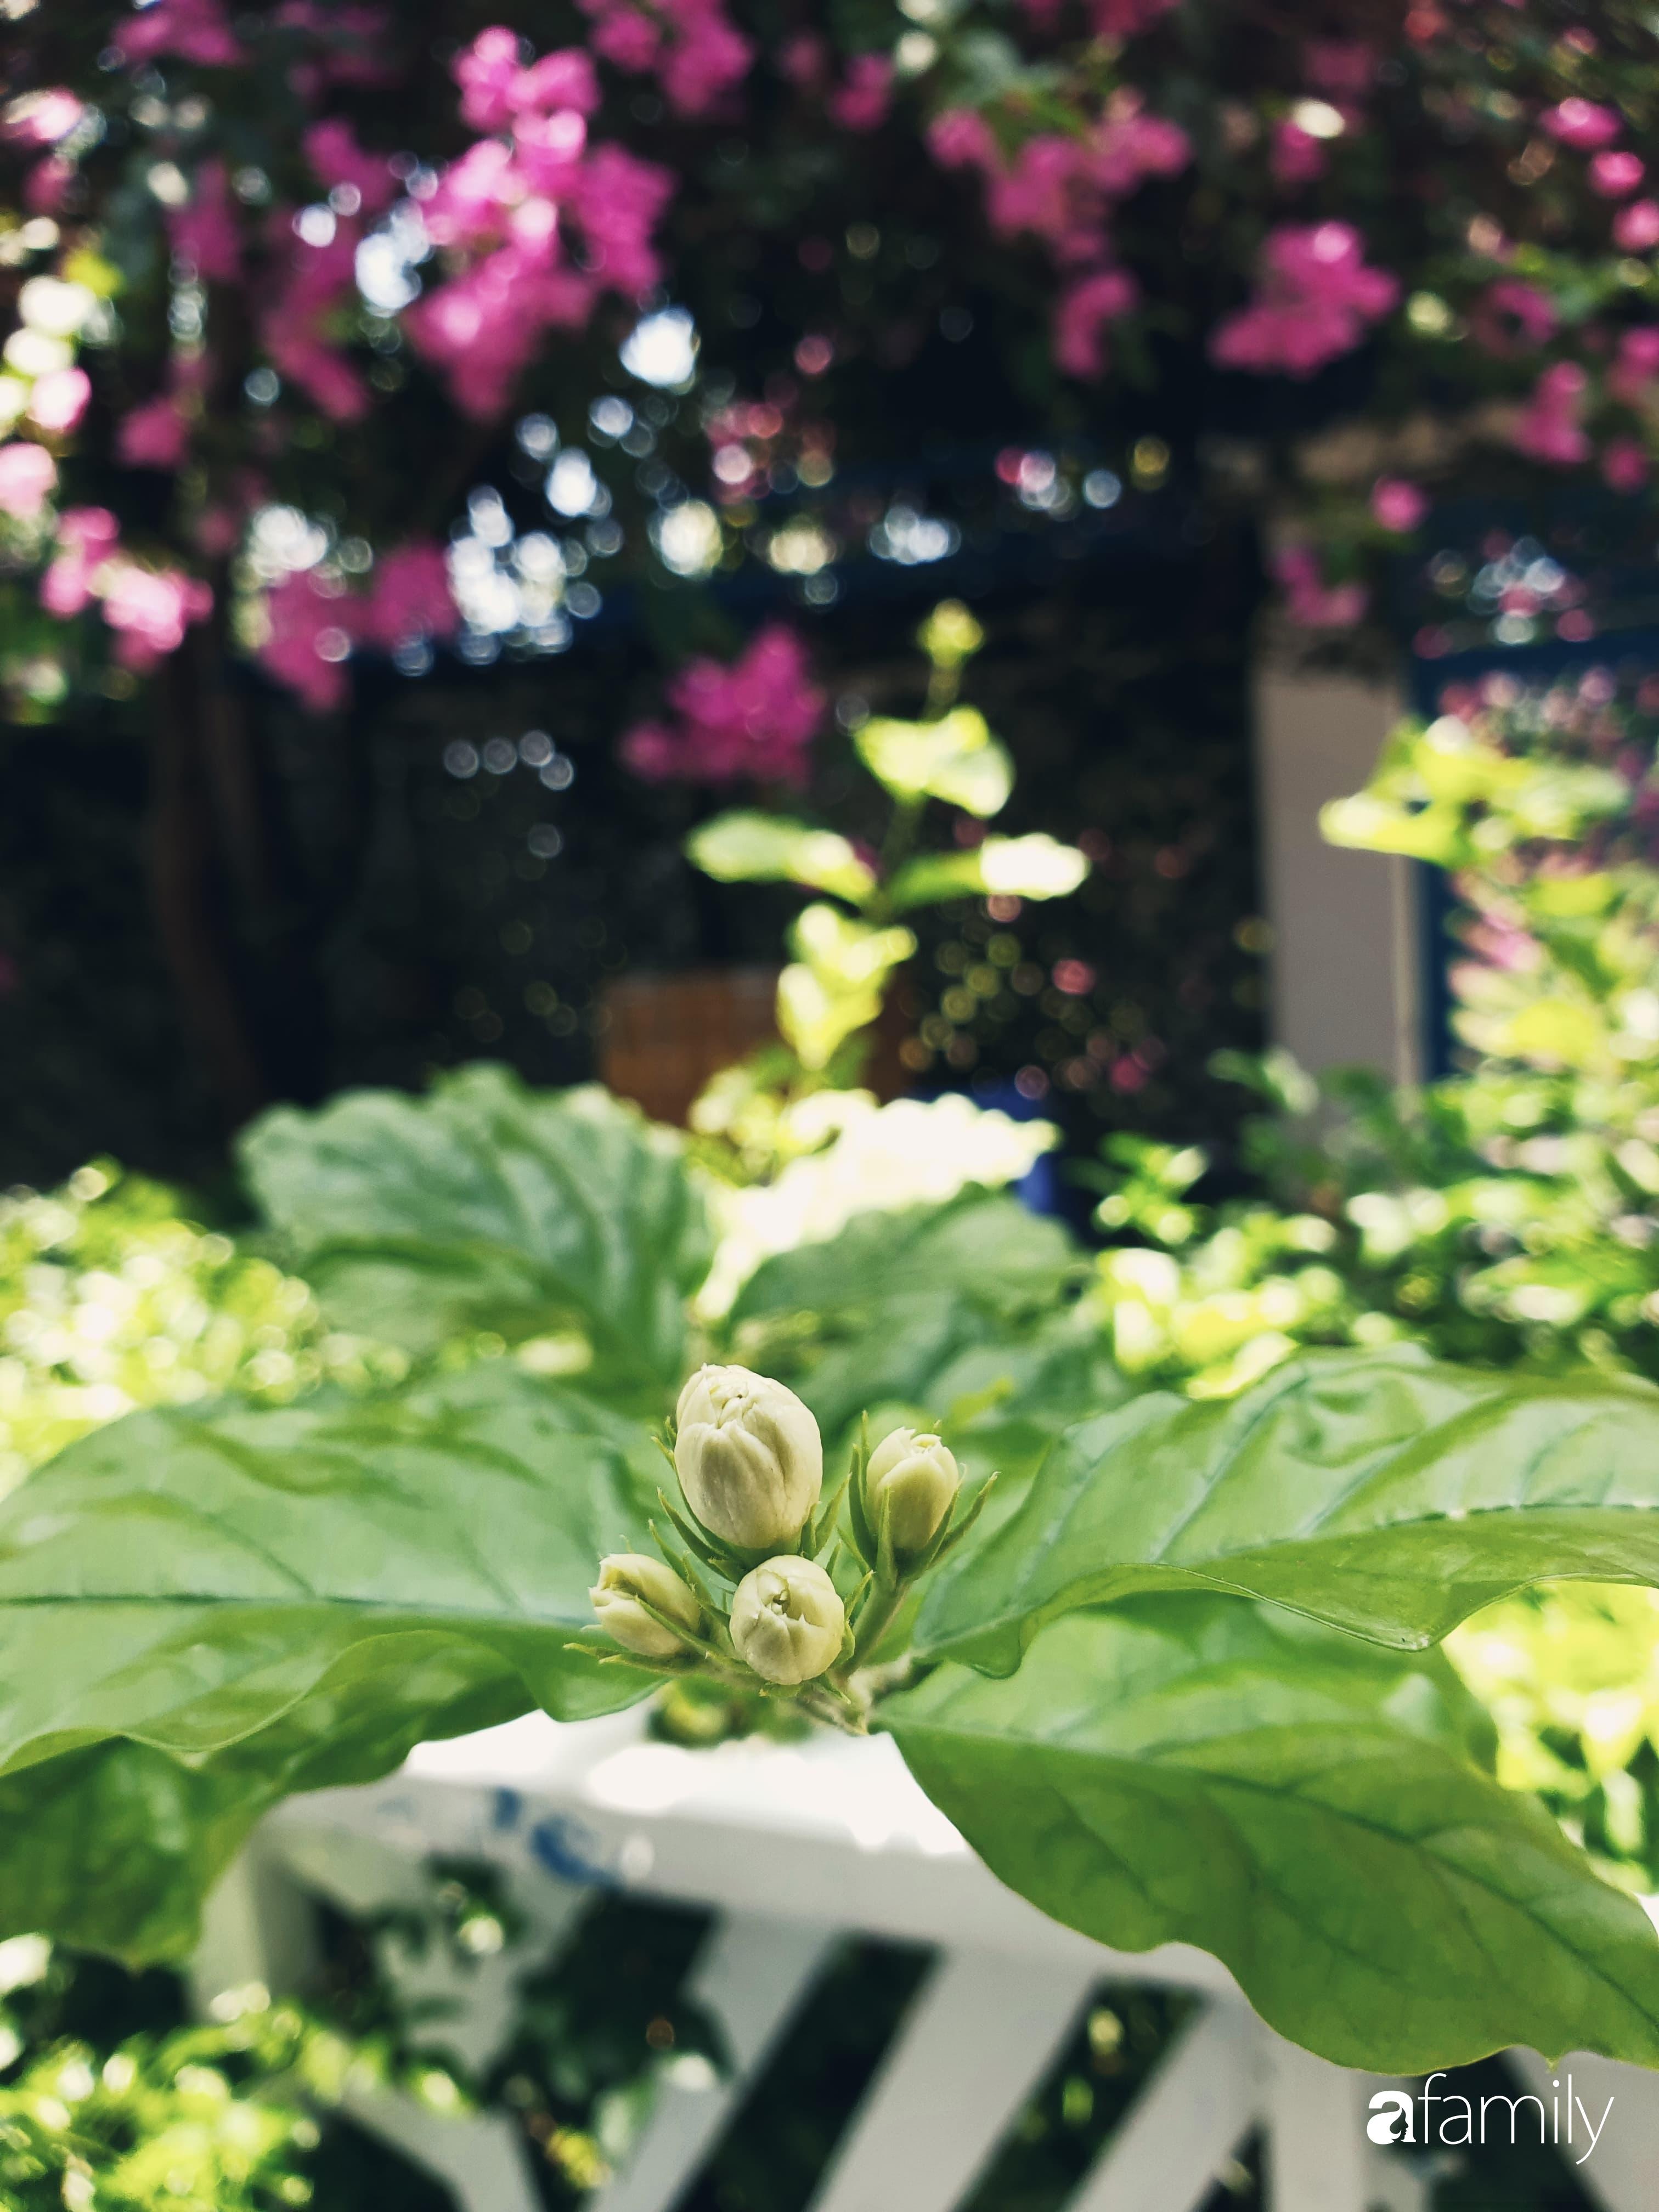 Khu vườn trước nhà xanh mát bóng cây và hoa của anh chàng dành cả thanh xuân để chăm sóc thú cưng - Ảnh 8.